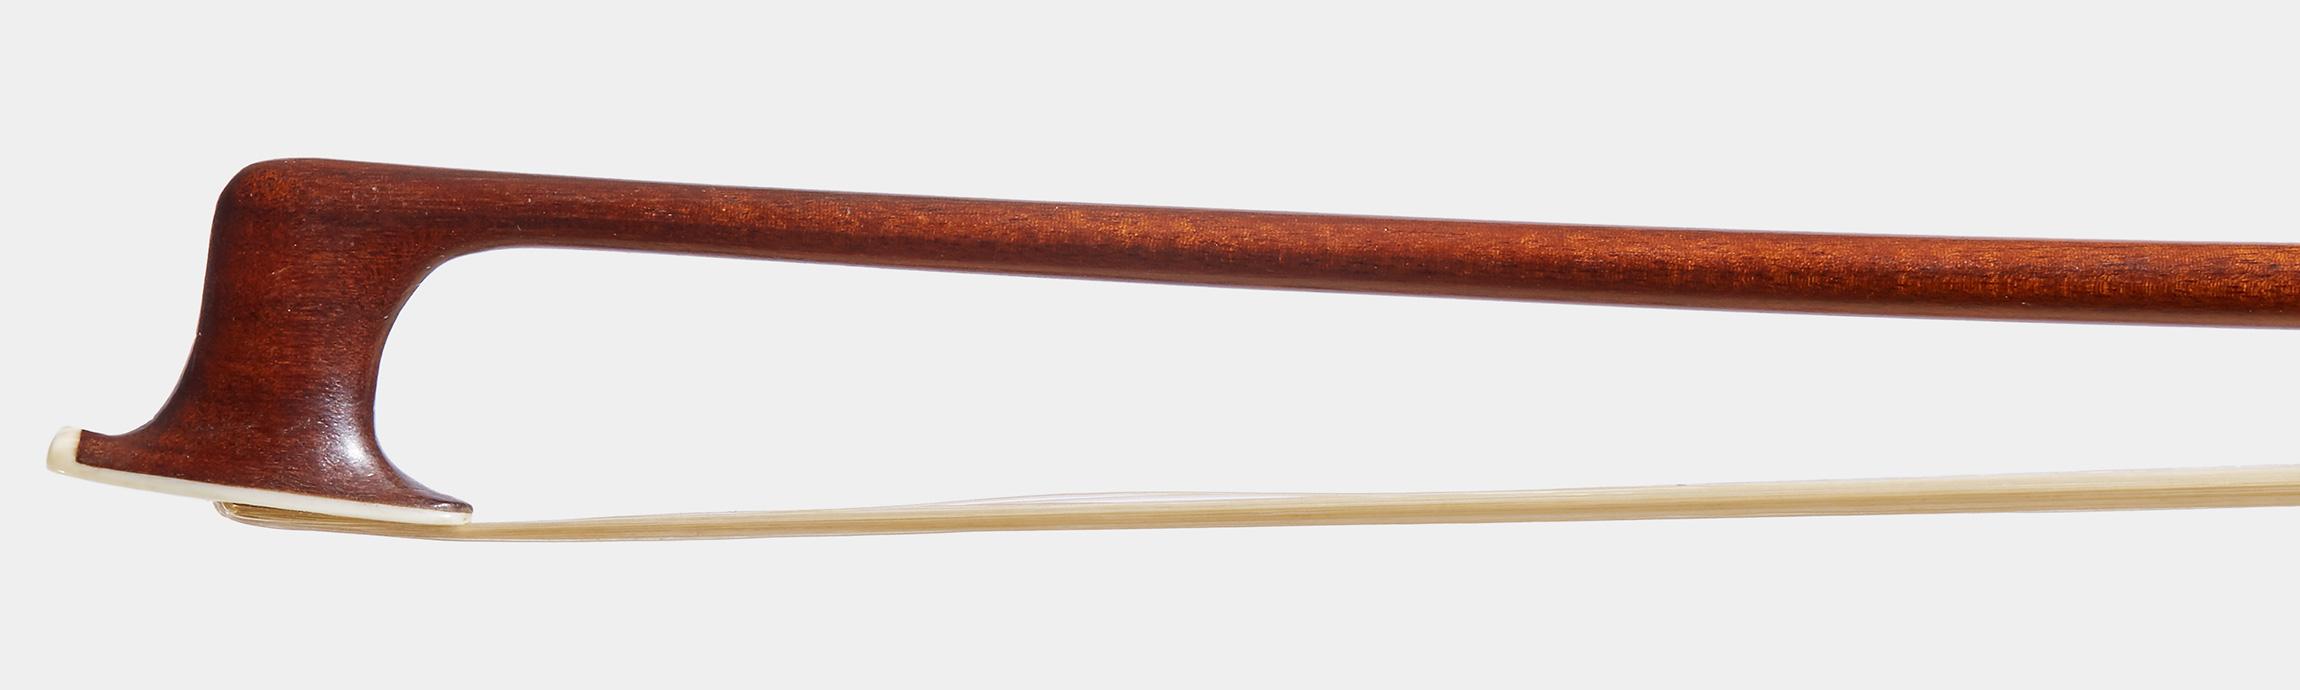 l75175tip